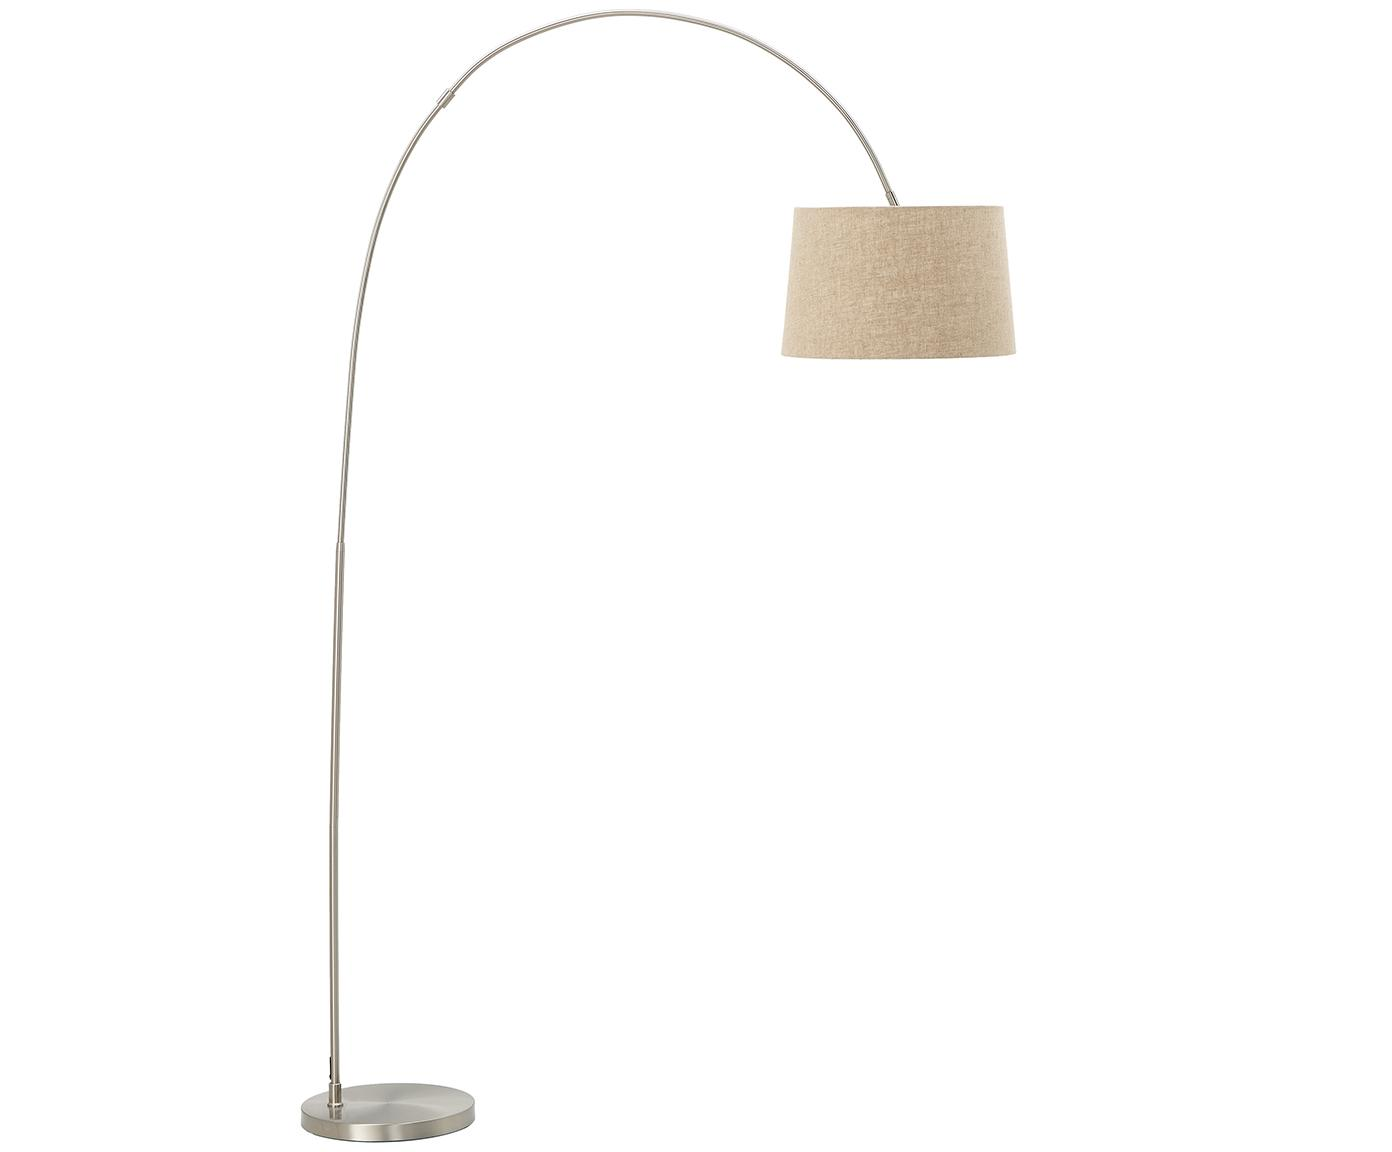 Bogenlampe Laurence, Lampenschirm: Baumwollgemisch, Beige,Silberfarben, ∅ 40 x H 188 cm